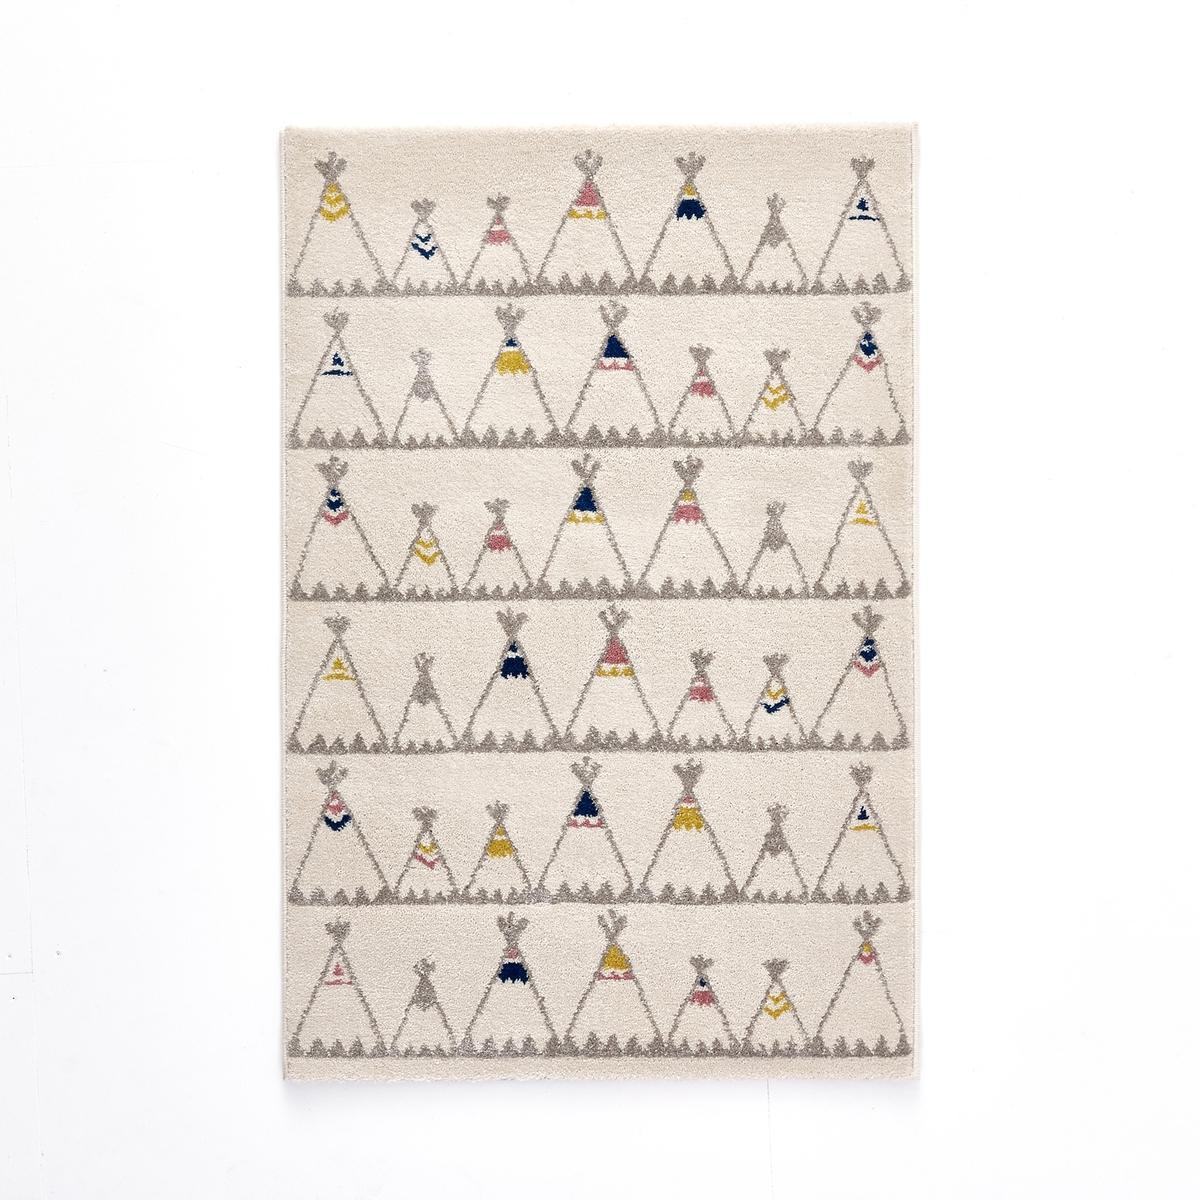 Ковер La Redoute Детский с рисунком вигвам Zoupiou 80 x 120 см бежевый ковер la redoute горизонтального плетения с рисунком цементная плитка iswik 120 x 170 см бежевый